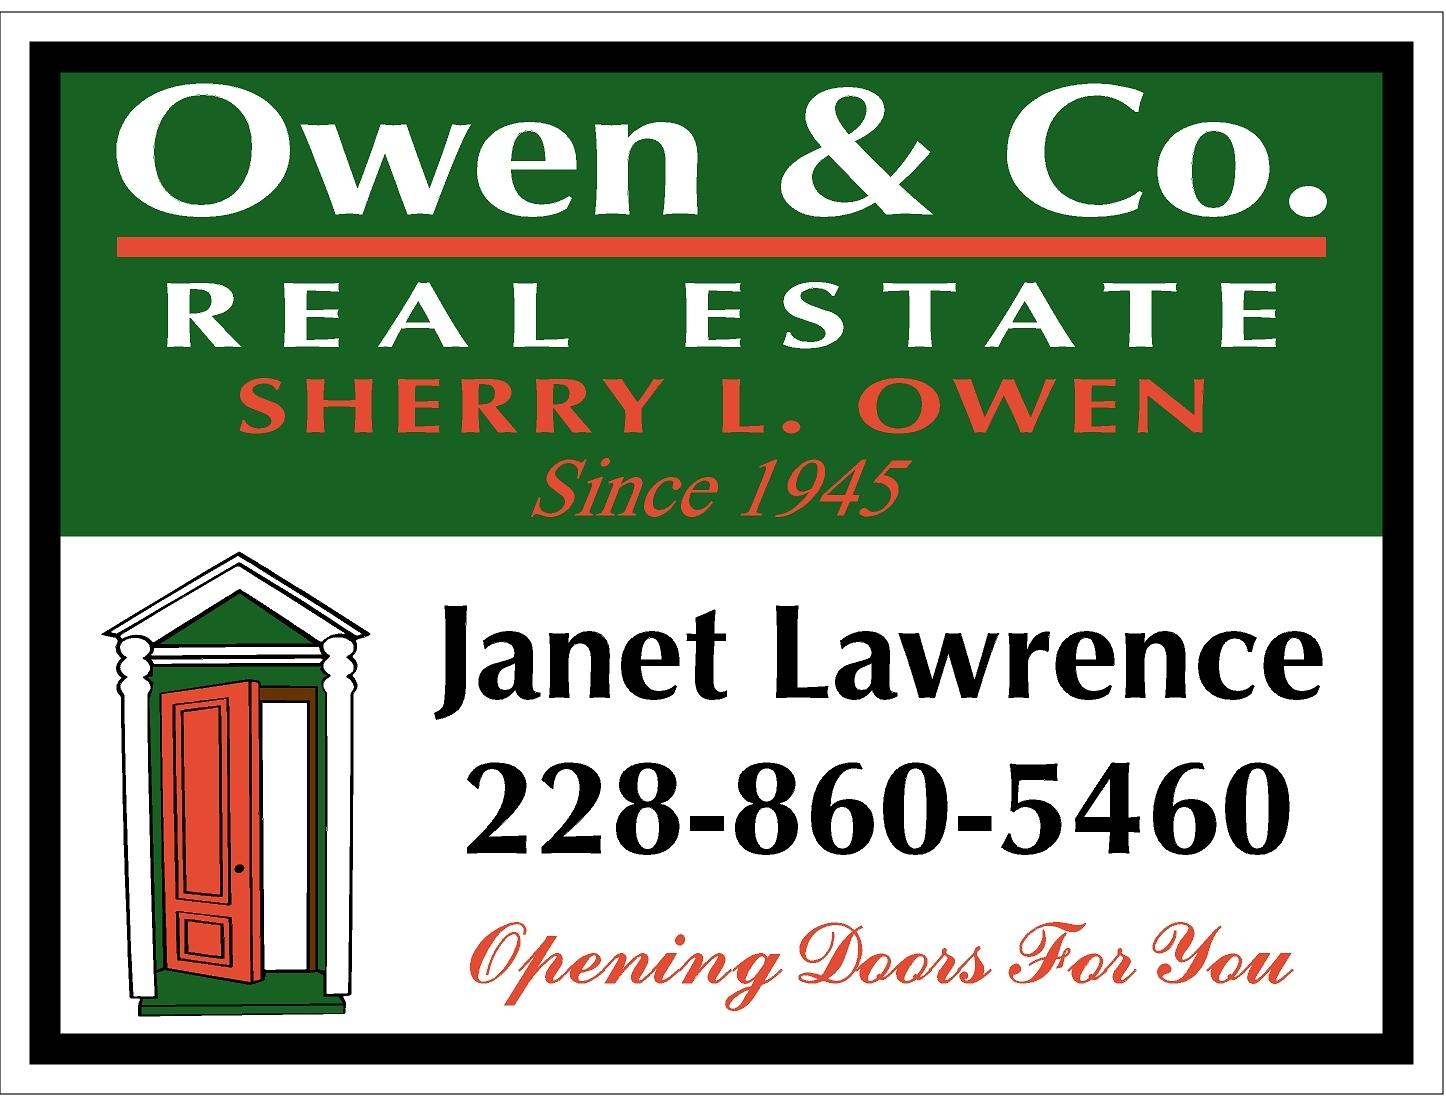 Owen & Co.